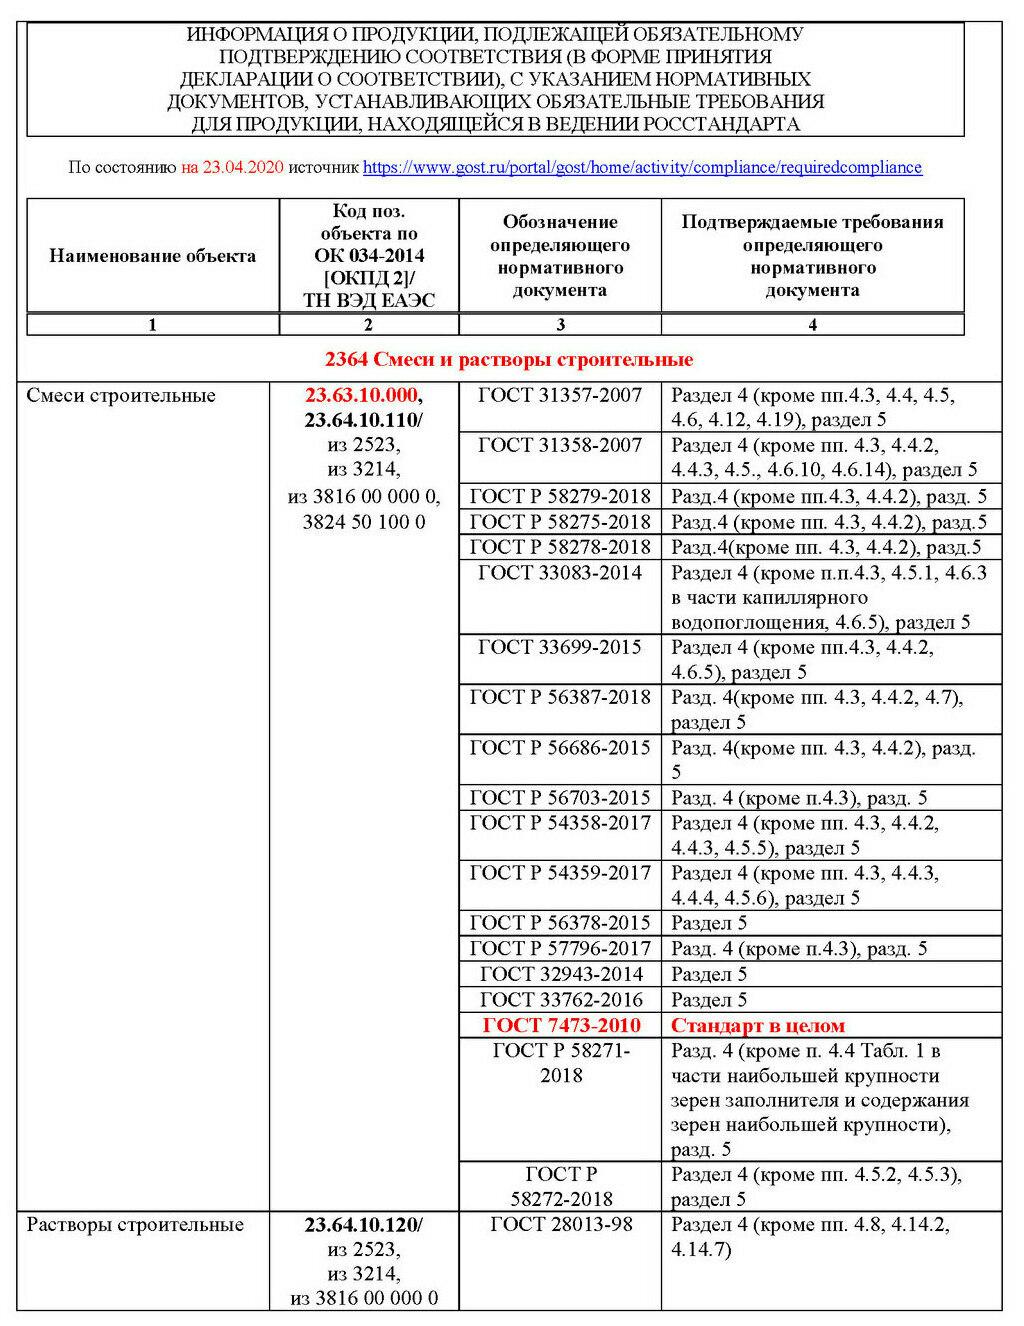 Правила декларирования соответствия смесей и растворов строительных бетон види